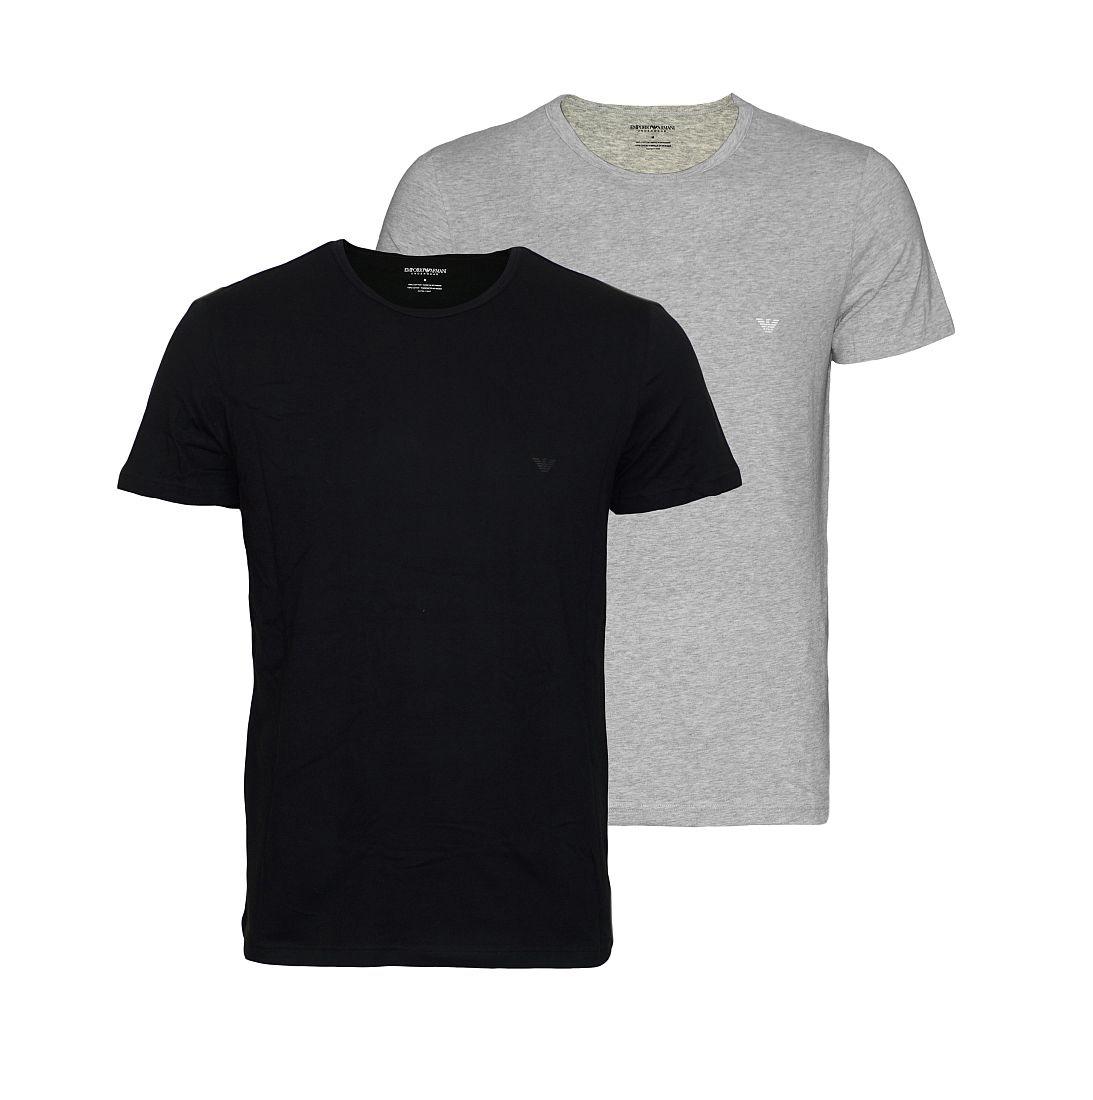 EMPORIO ARMANI 2er Pack Shirt T-Shirt schwarz grau 111647 CC722 97120 HW16